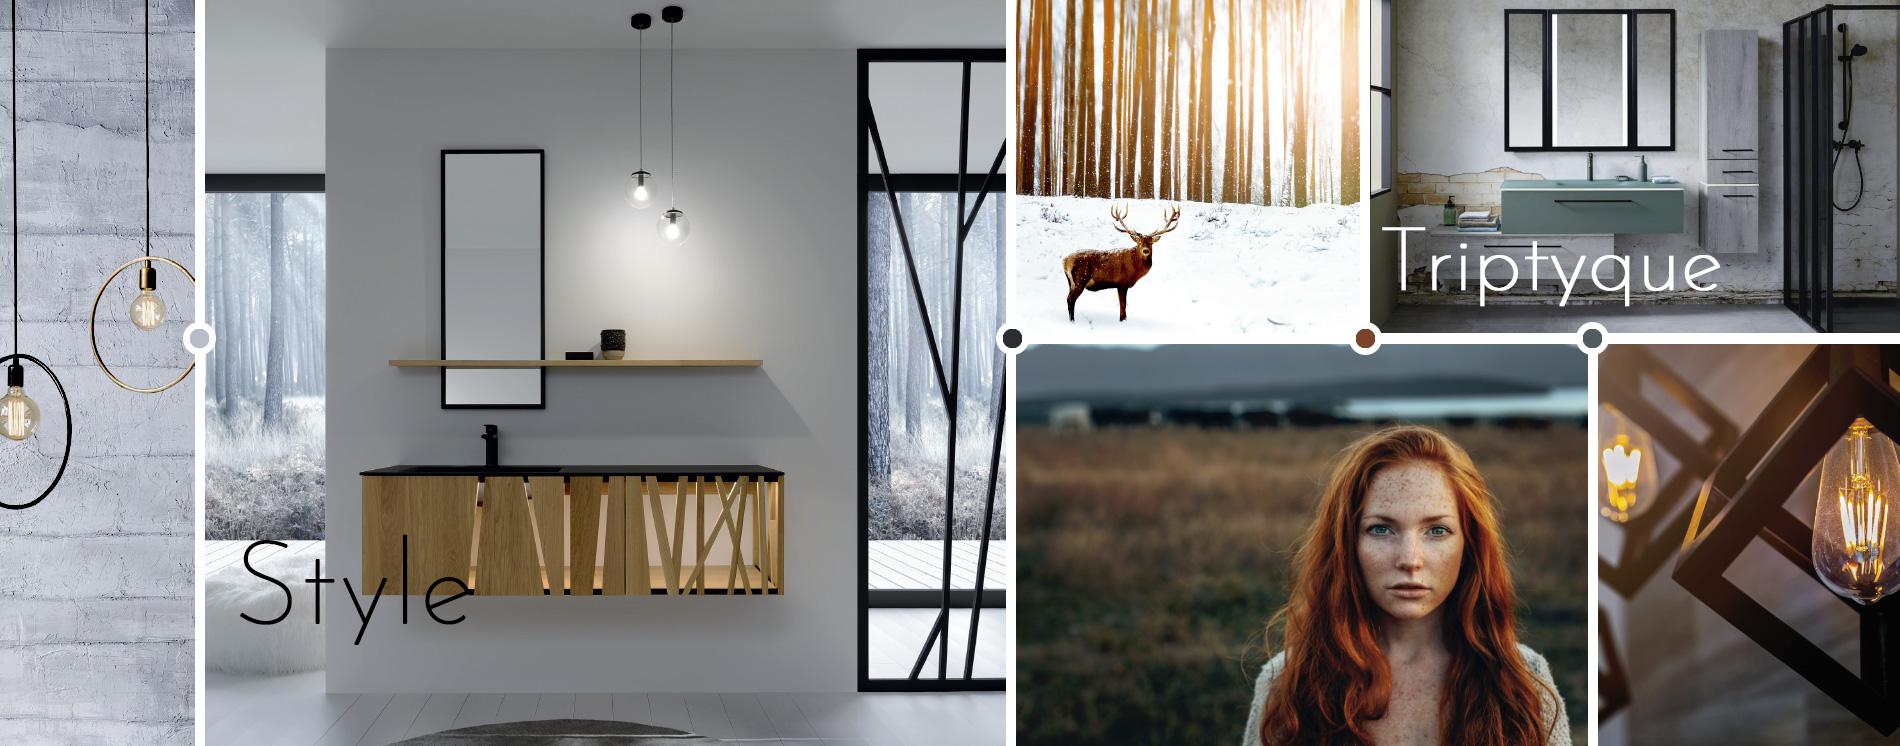 Spiegels Triptyque, Dock en Style